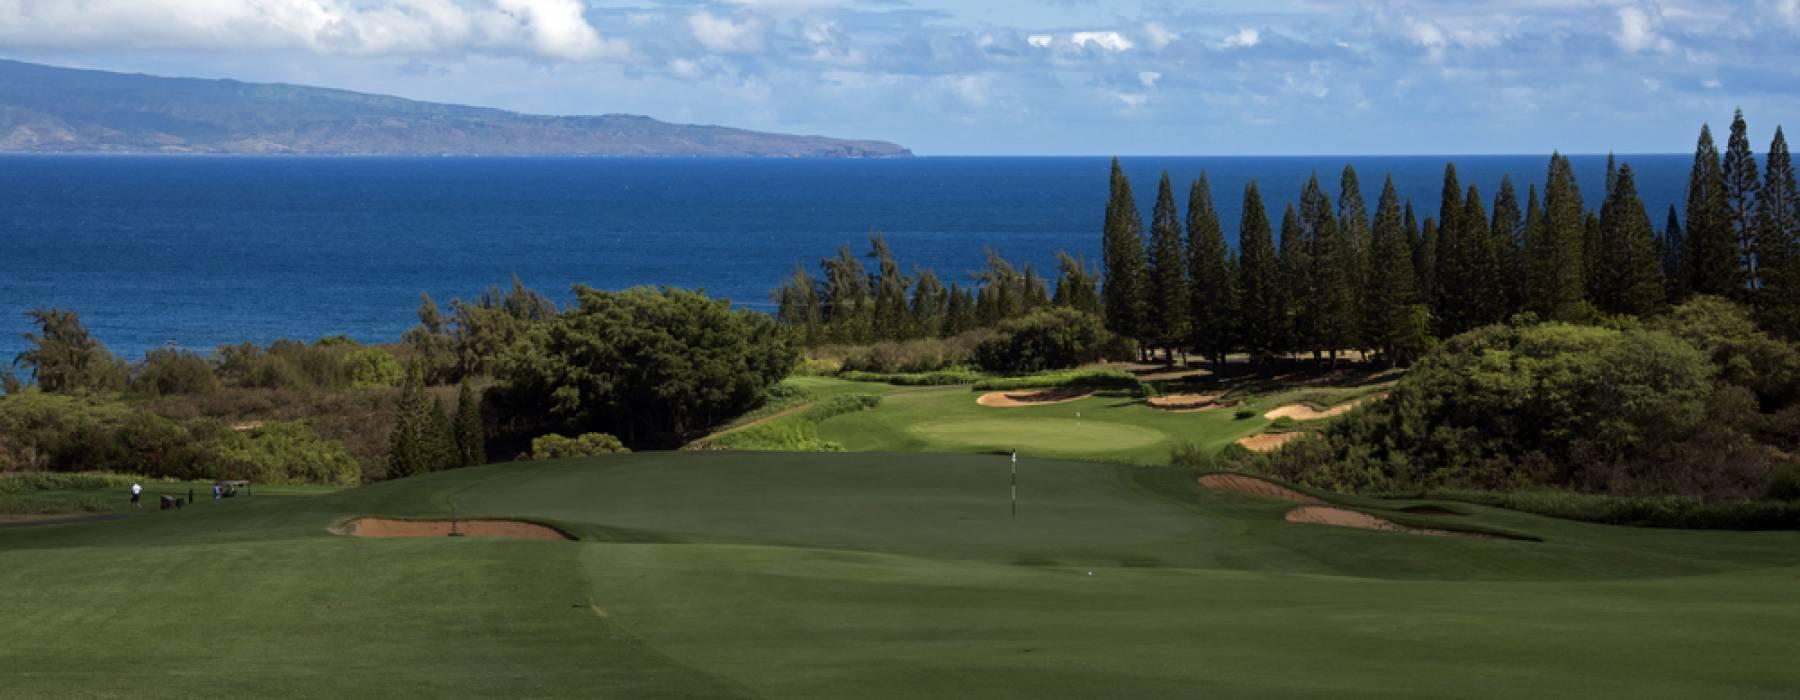 Kapalua Golf Course on Maui Hawaii